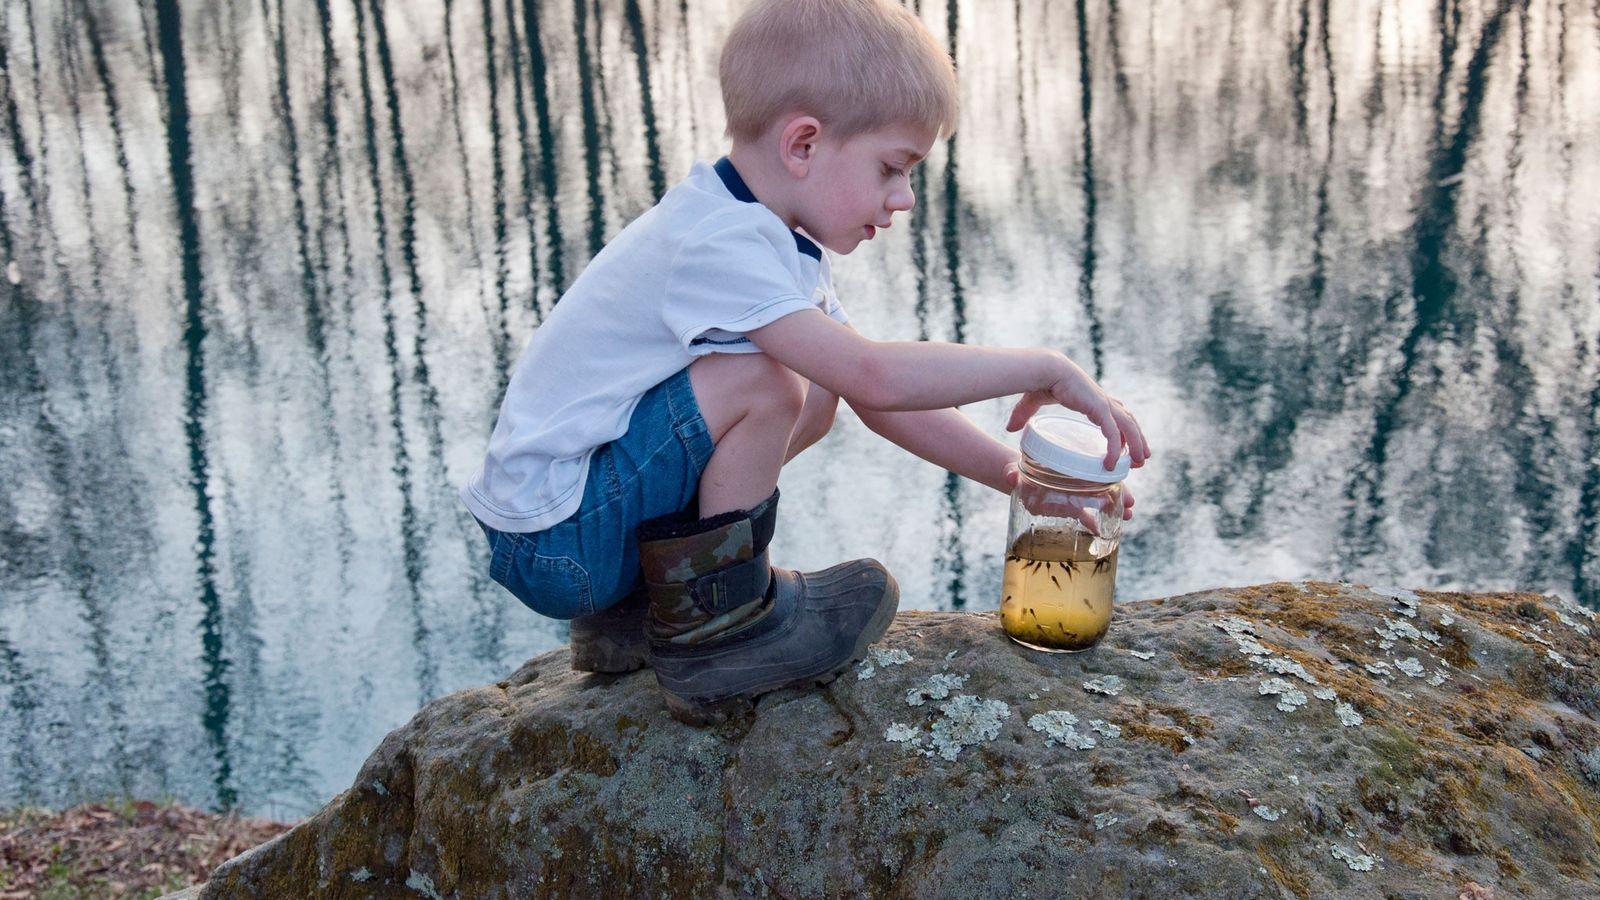 Mason s'apprête à relâcher des têtards qu'il avait collecté non loin.